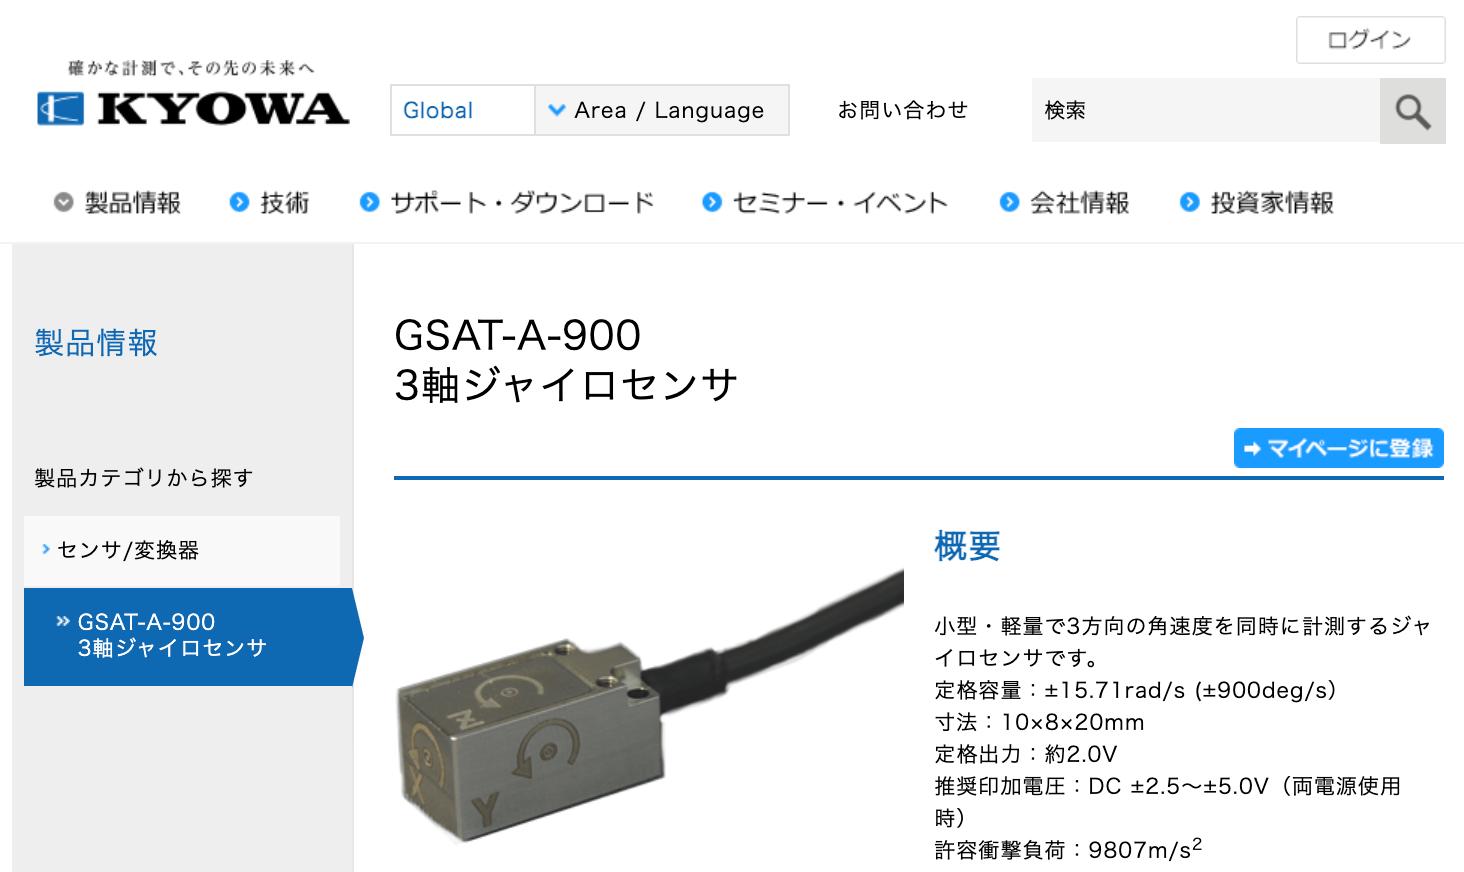 GSAT-A-9003軸ジャイロセンサ